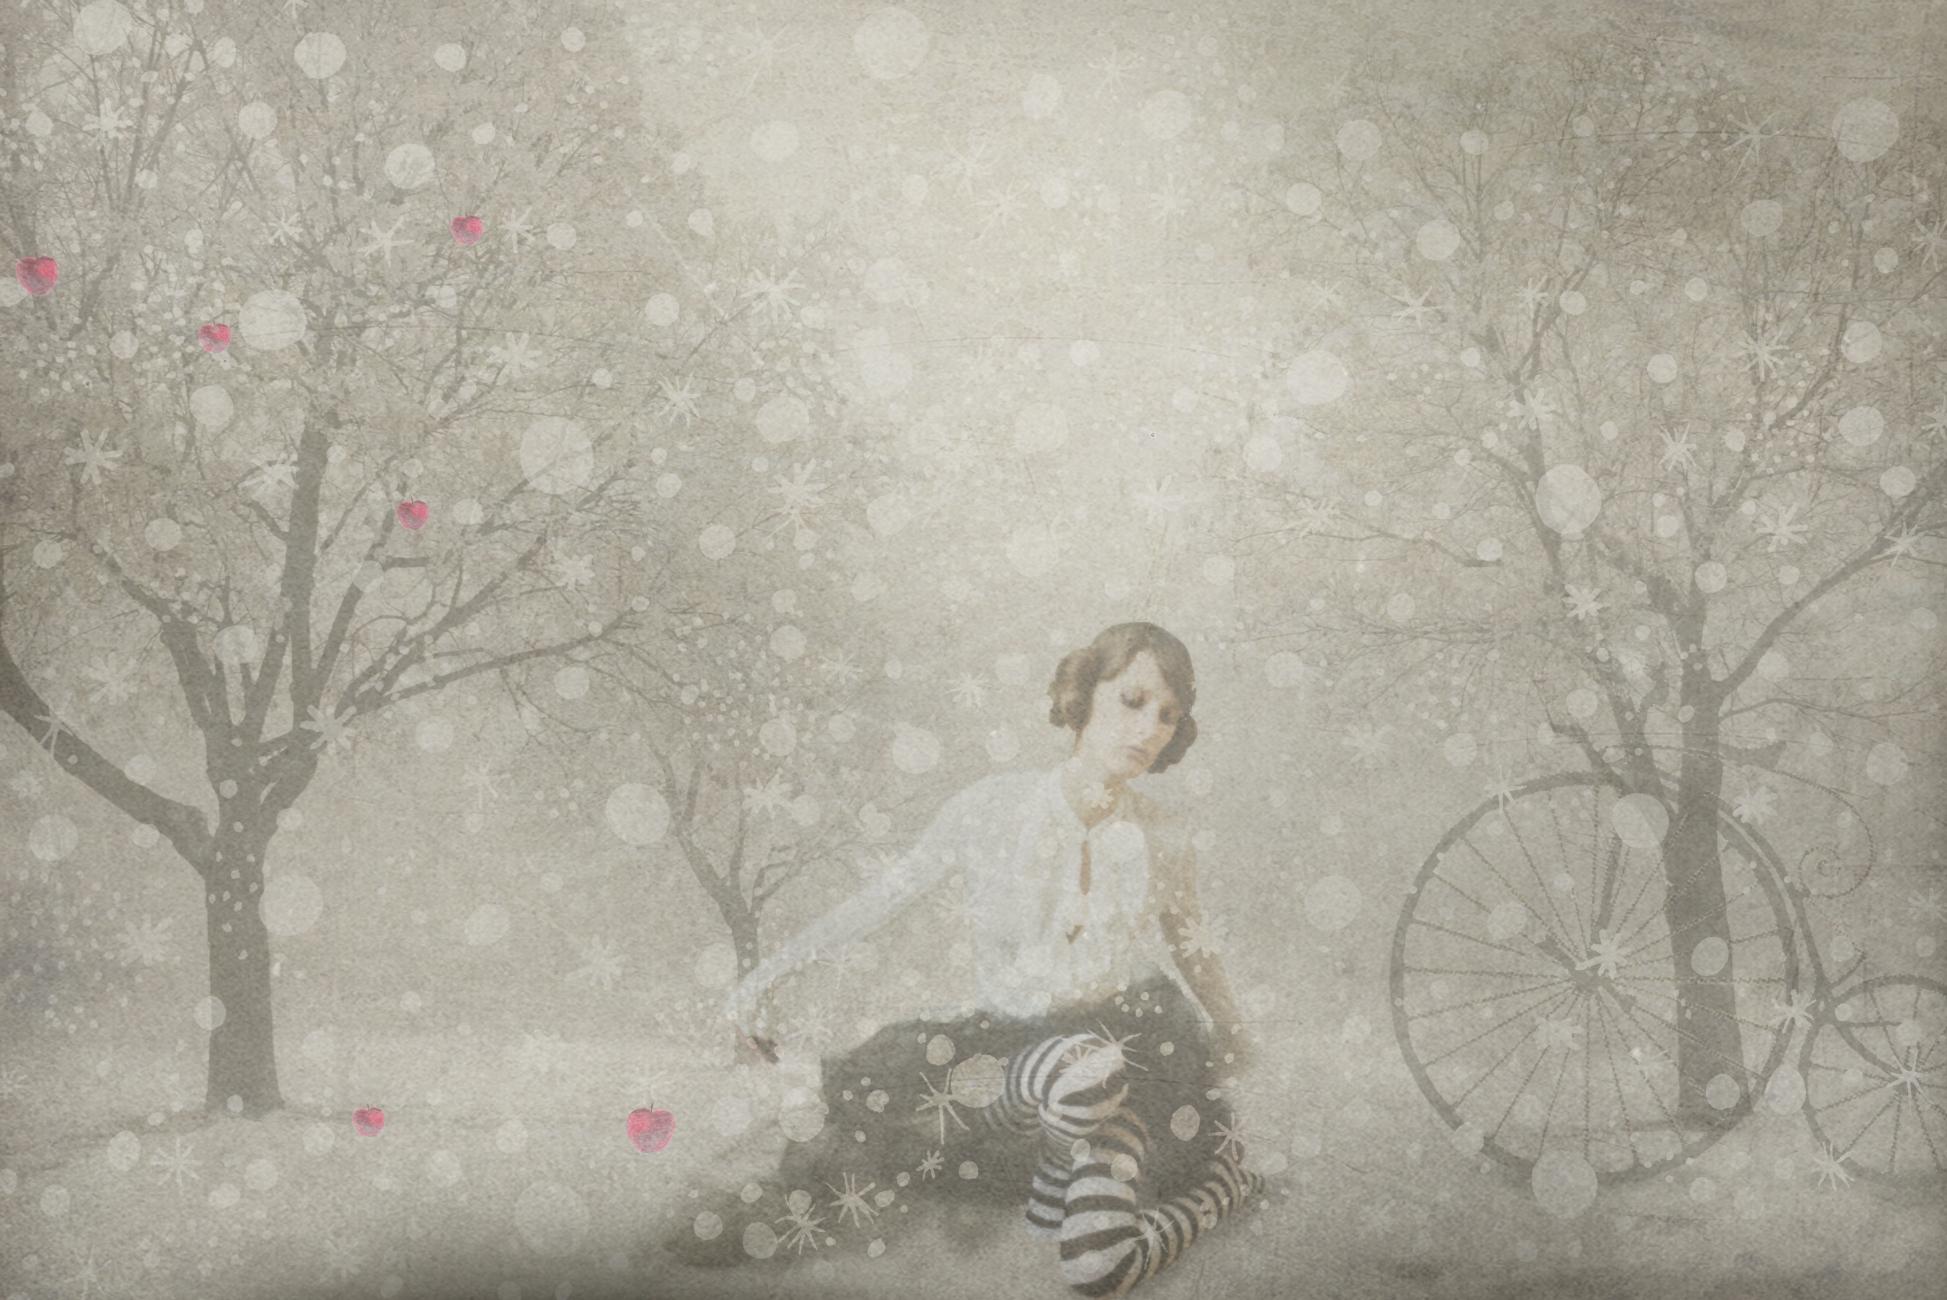 marie sous la neige BD